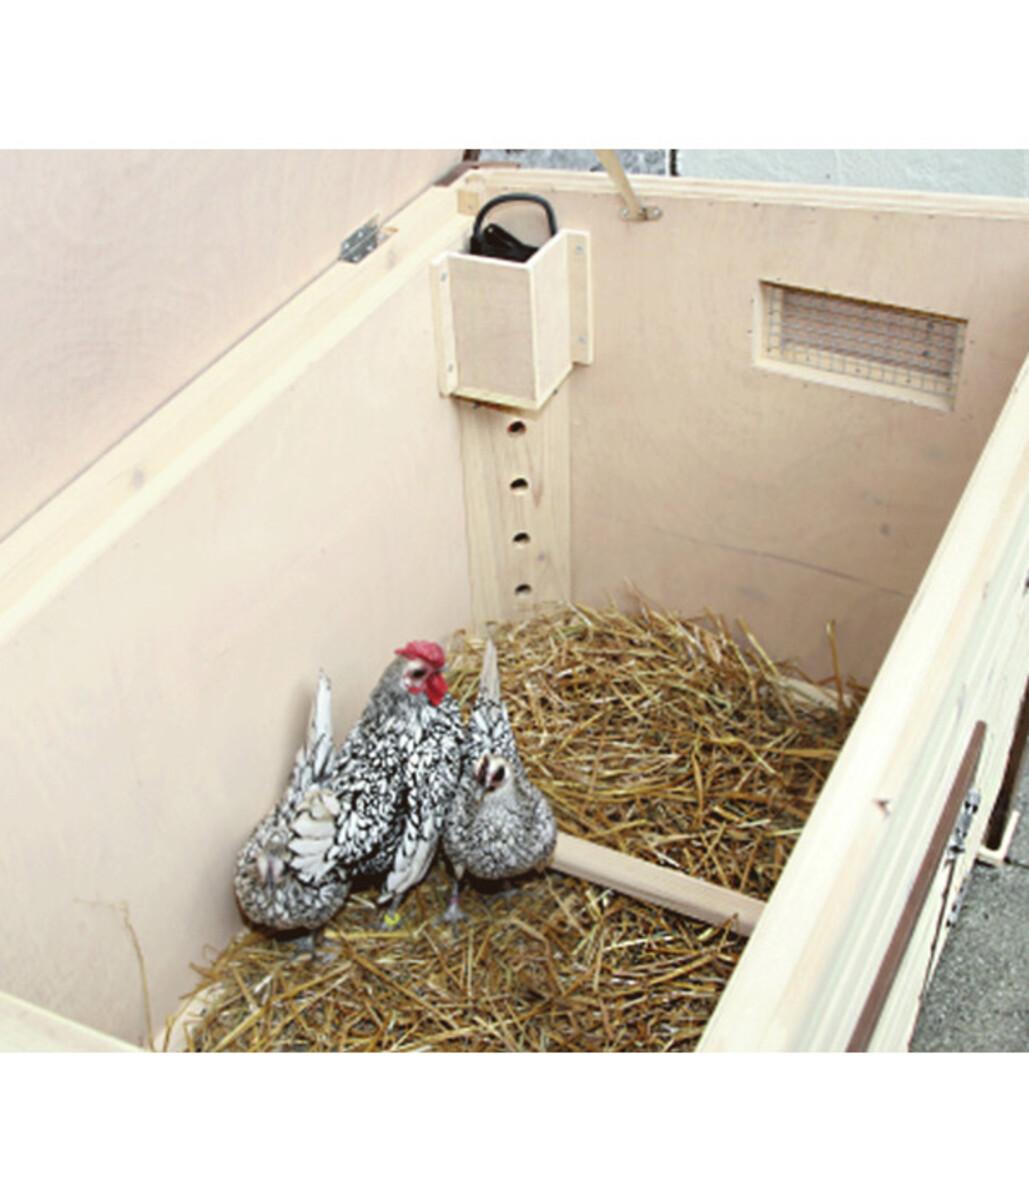 Bild 5 von Kerbl Thermo-Hühnerstall, beheizbarer